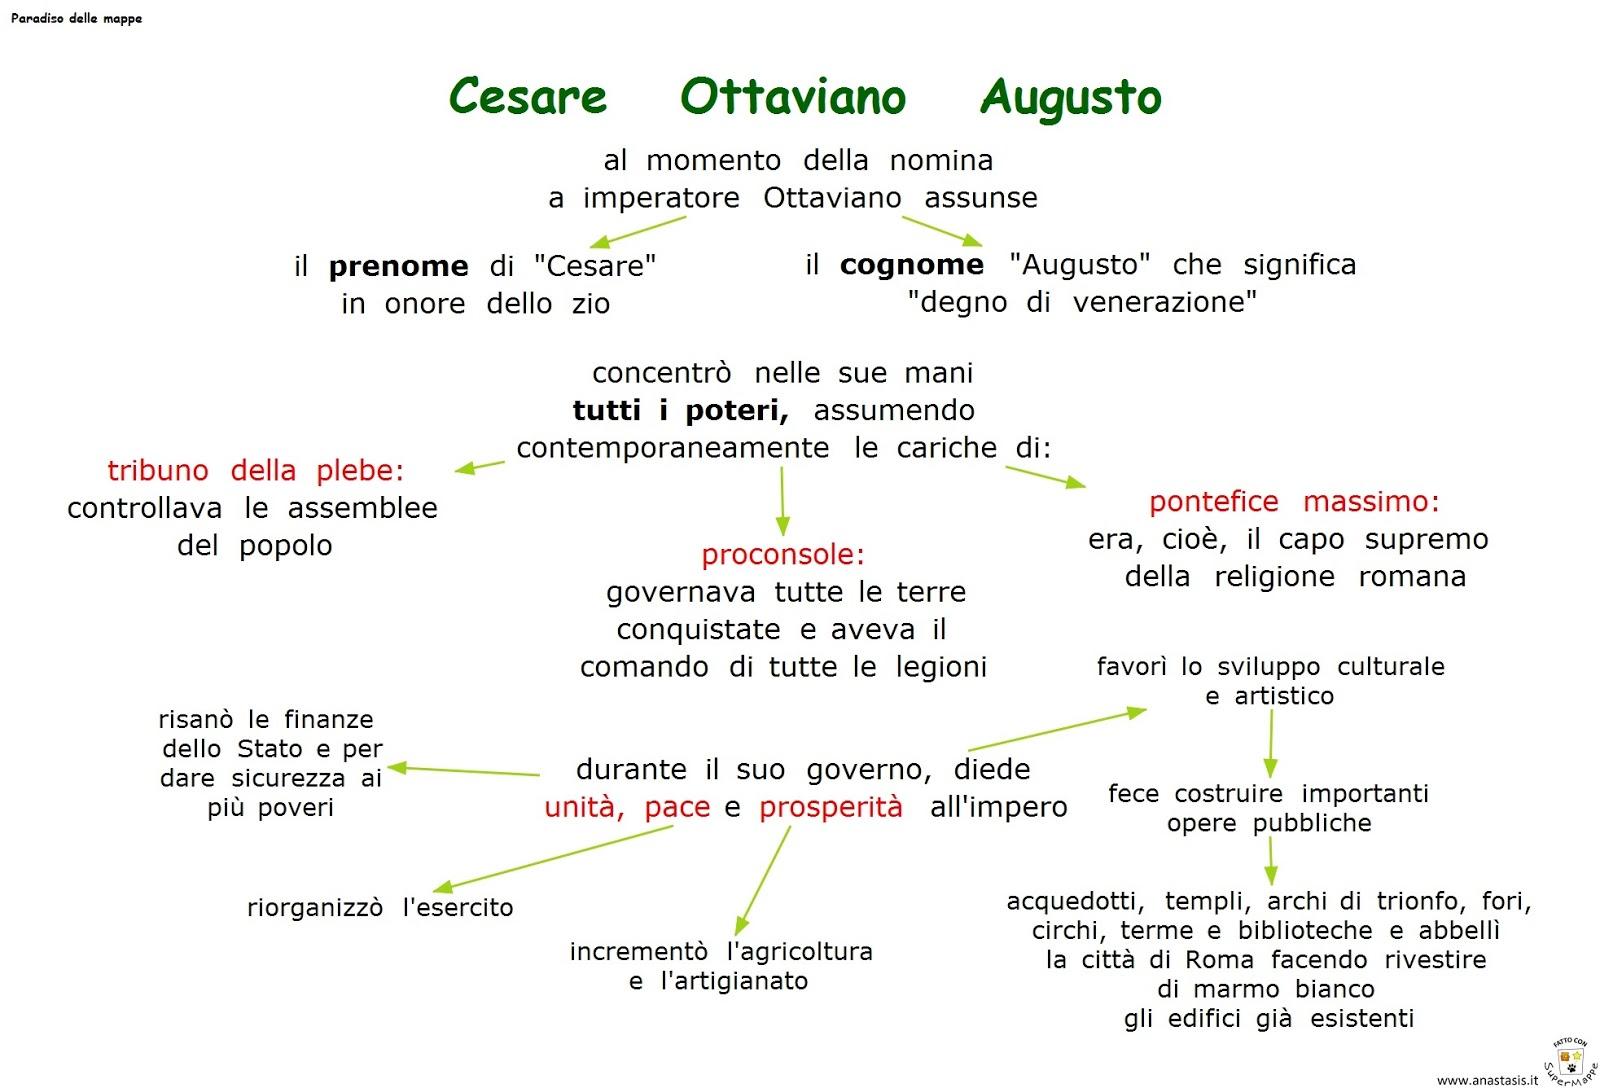 Conosciuto Paradiso delle mappe: Cesare Ottaviano Augusto AA03